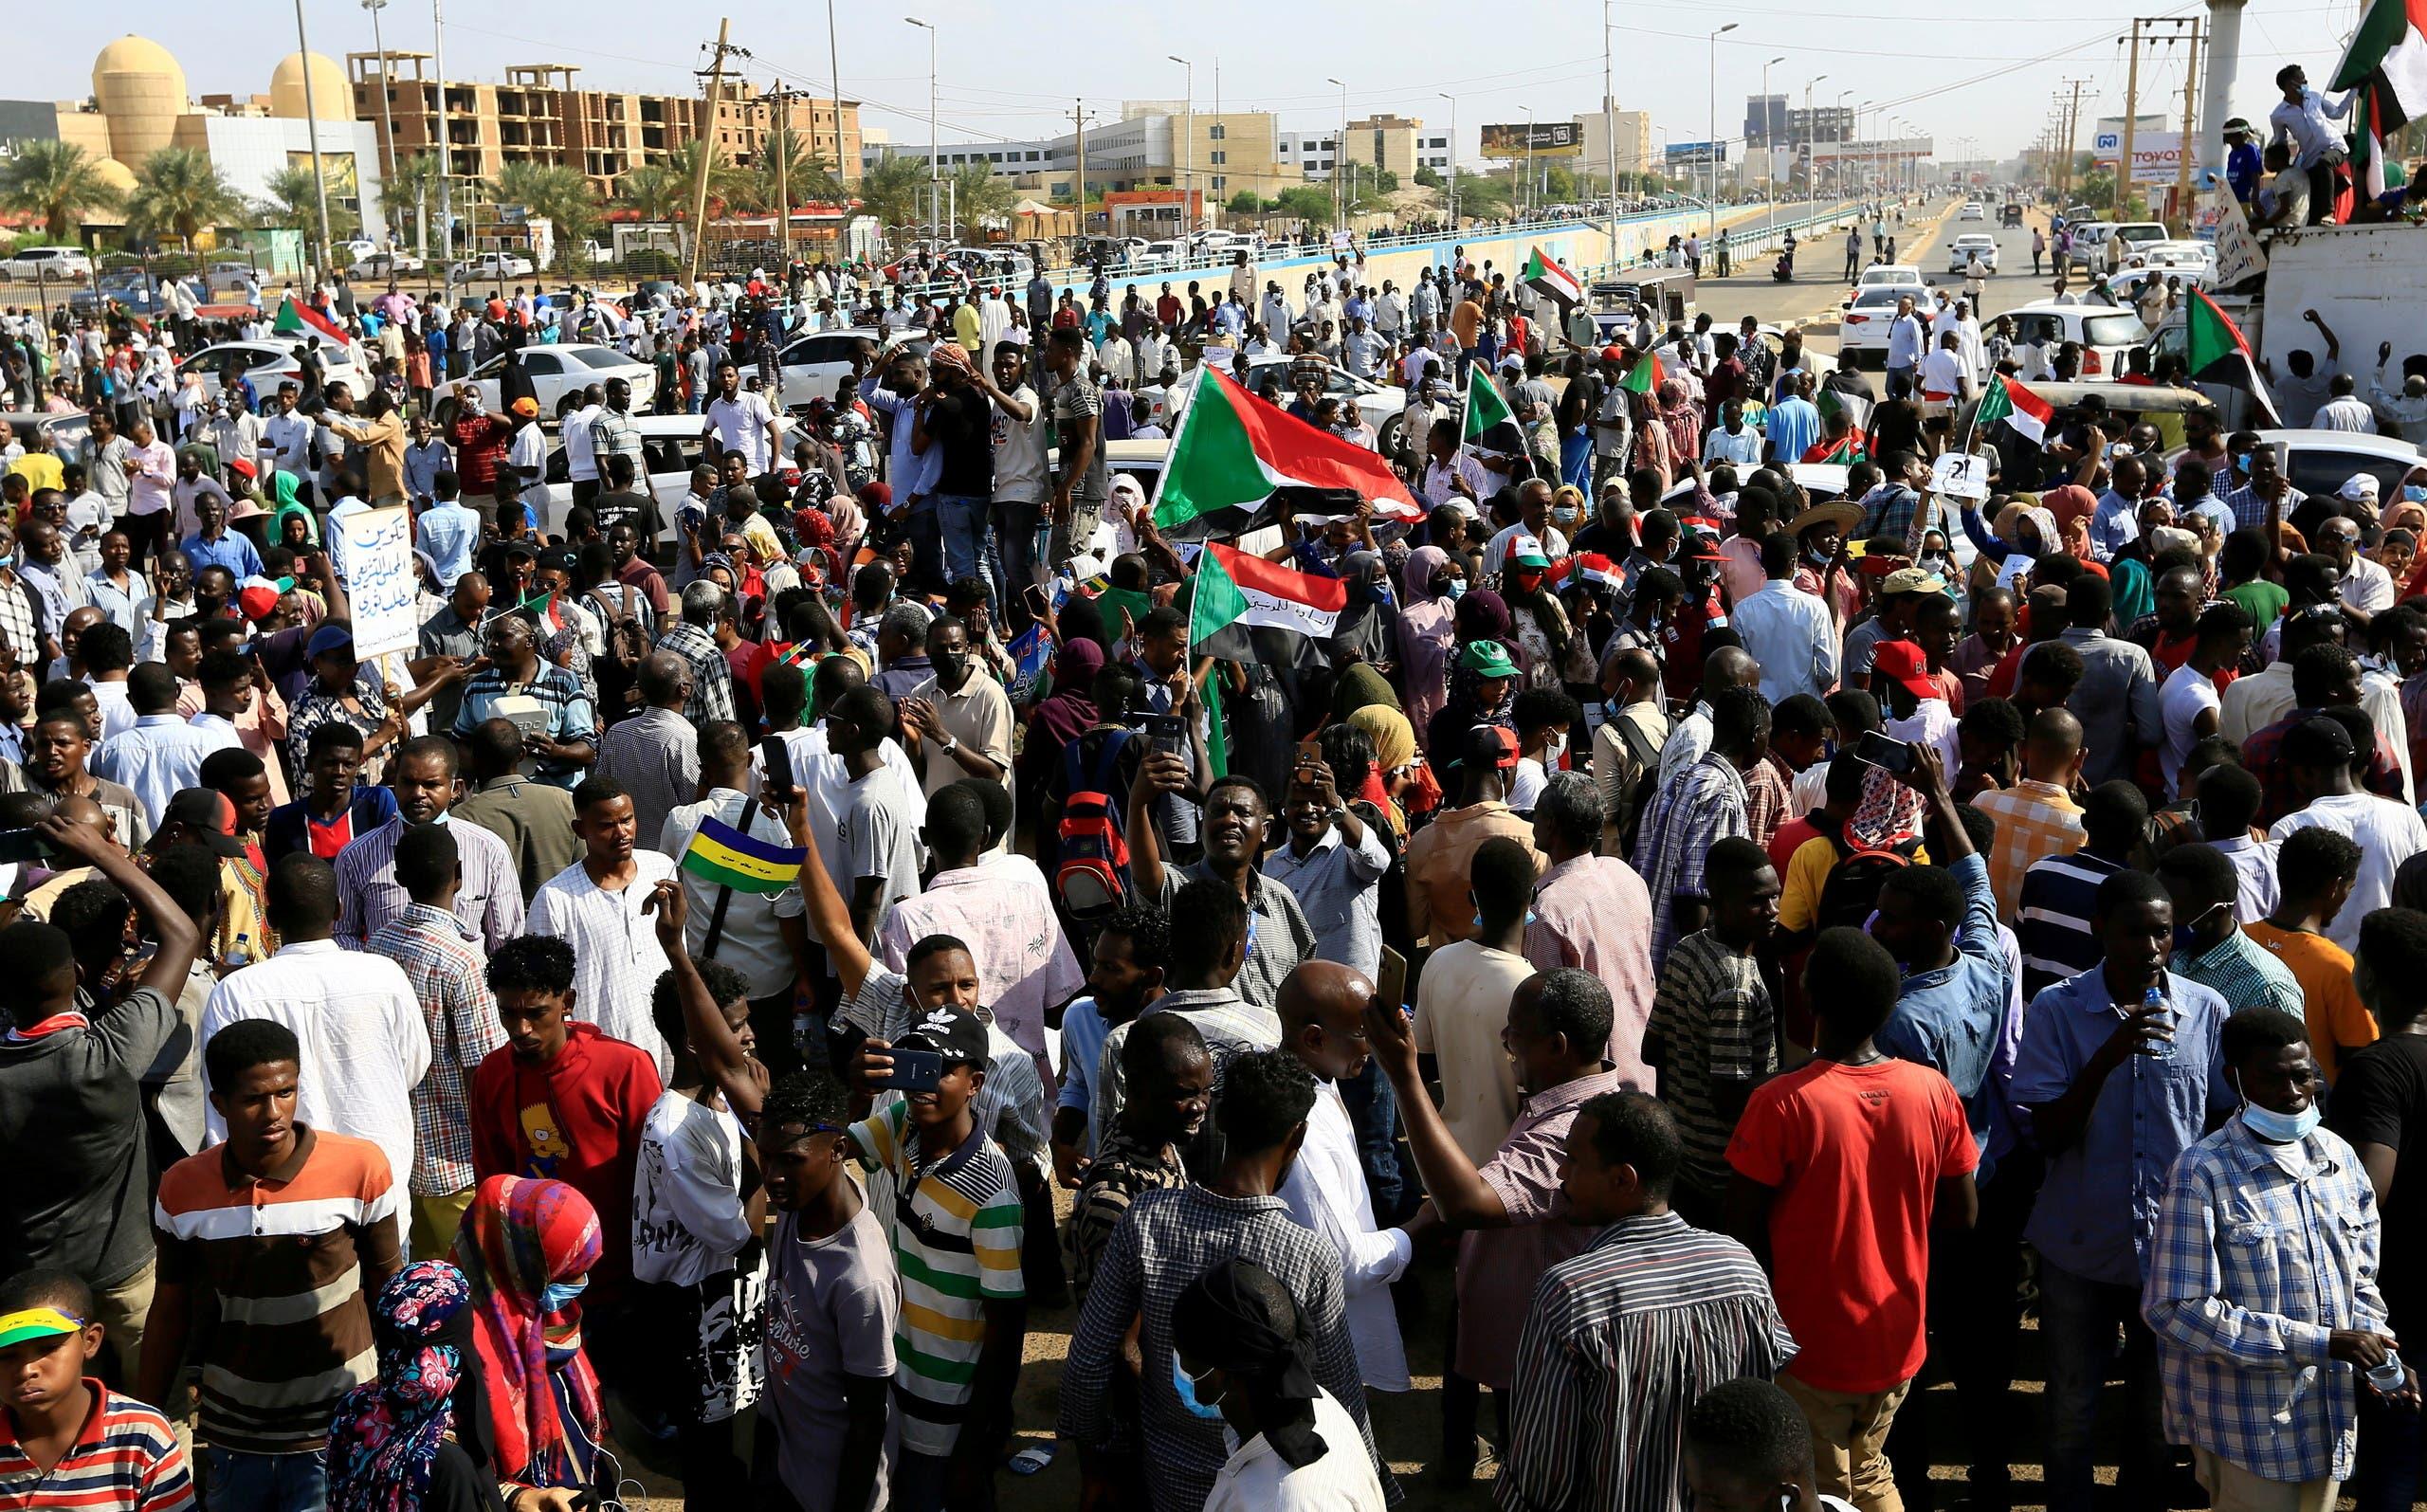 تظاهرة تأييد للحكومة في الخرطوم (23 أكتوبر 2021- رويترز)